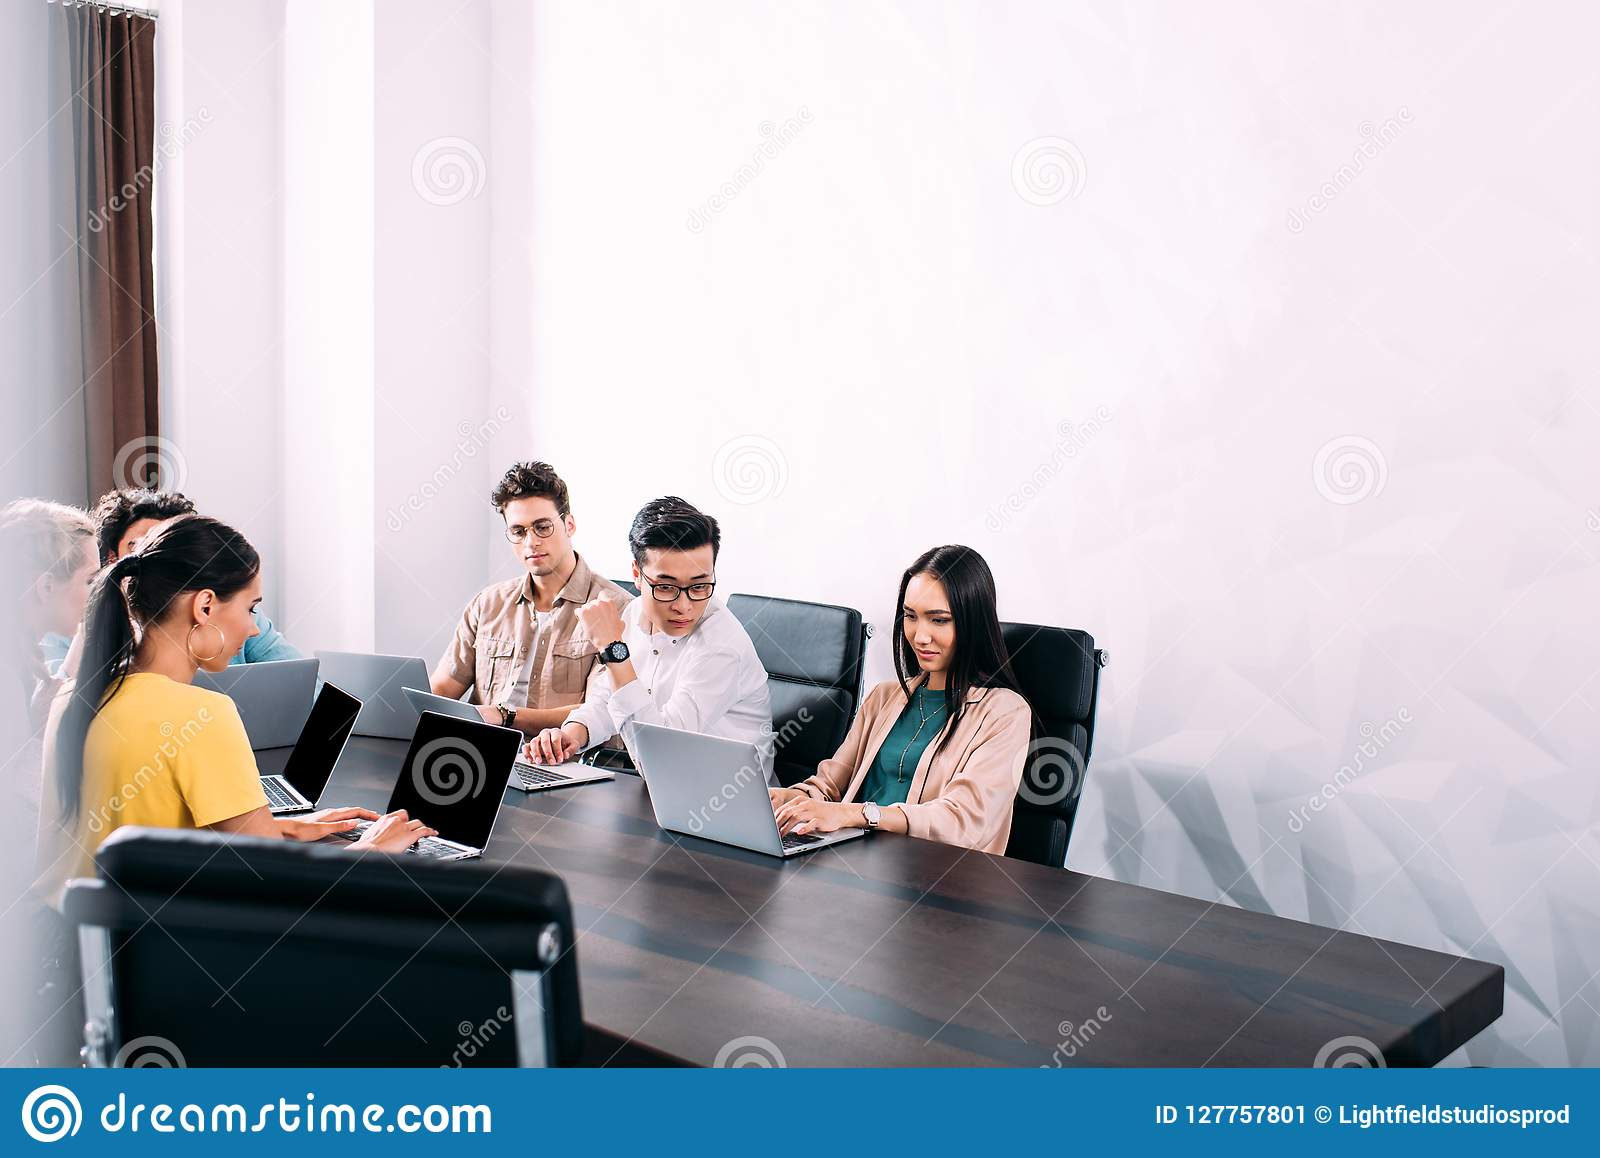 多文化商务伙伴开会议在与膝上型计算机的桌上在现代